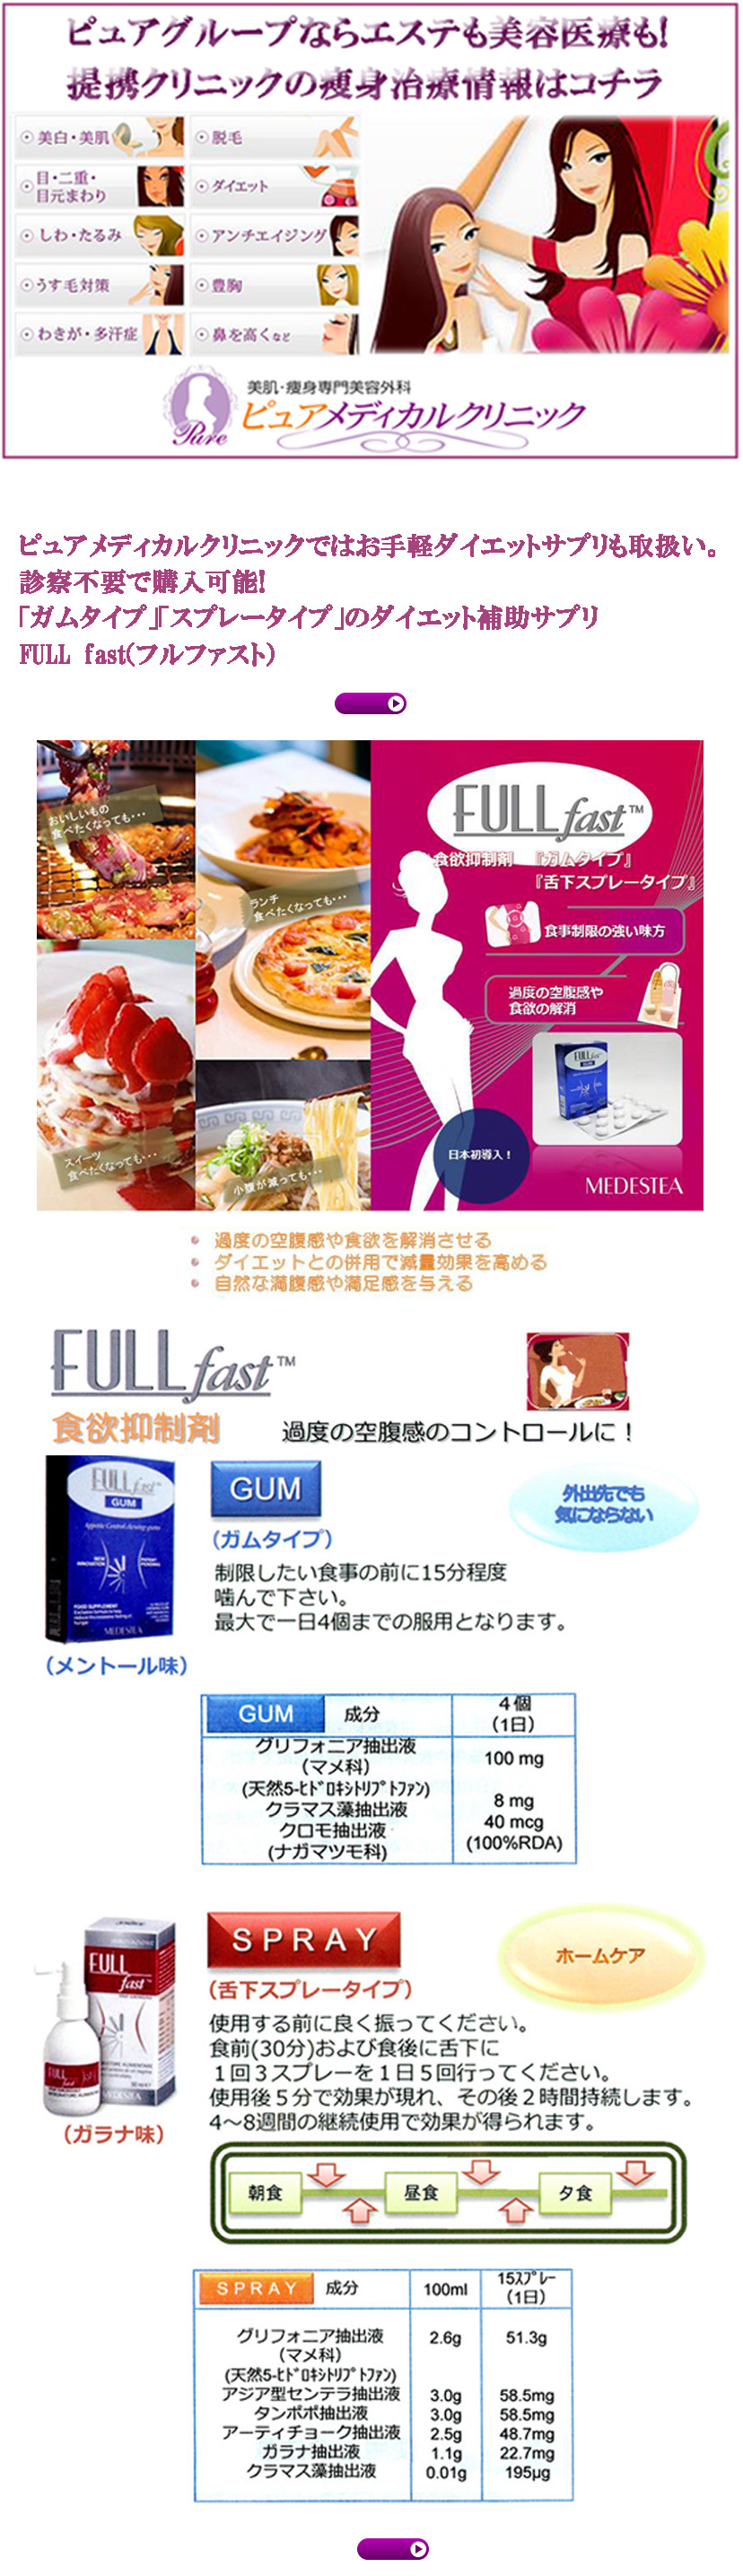 fullfast1.jpg